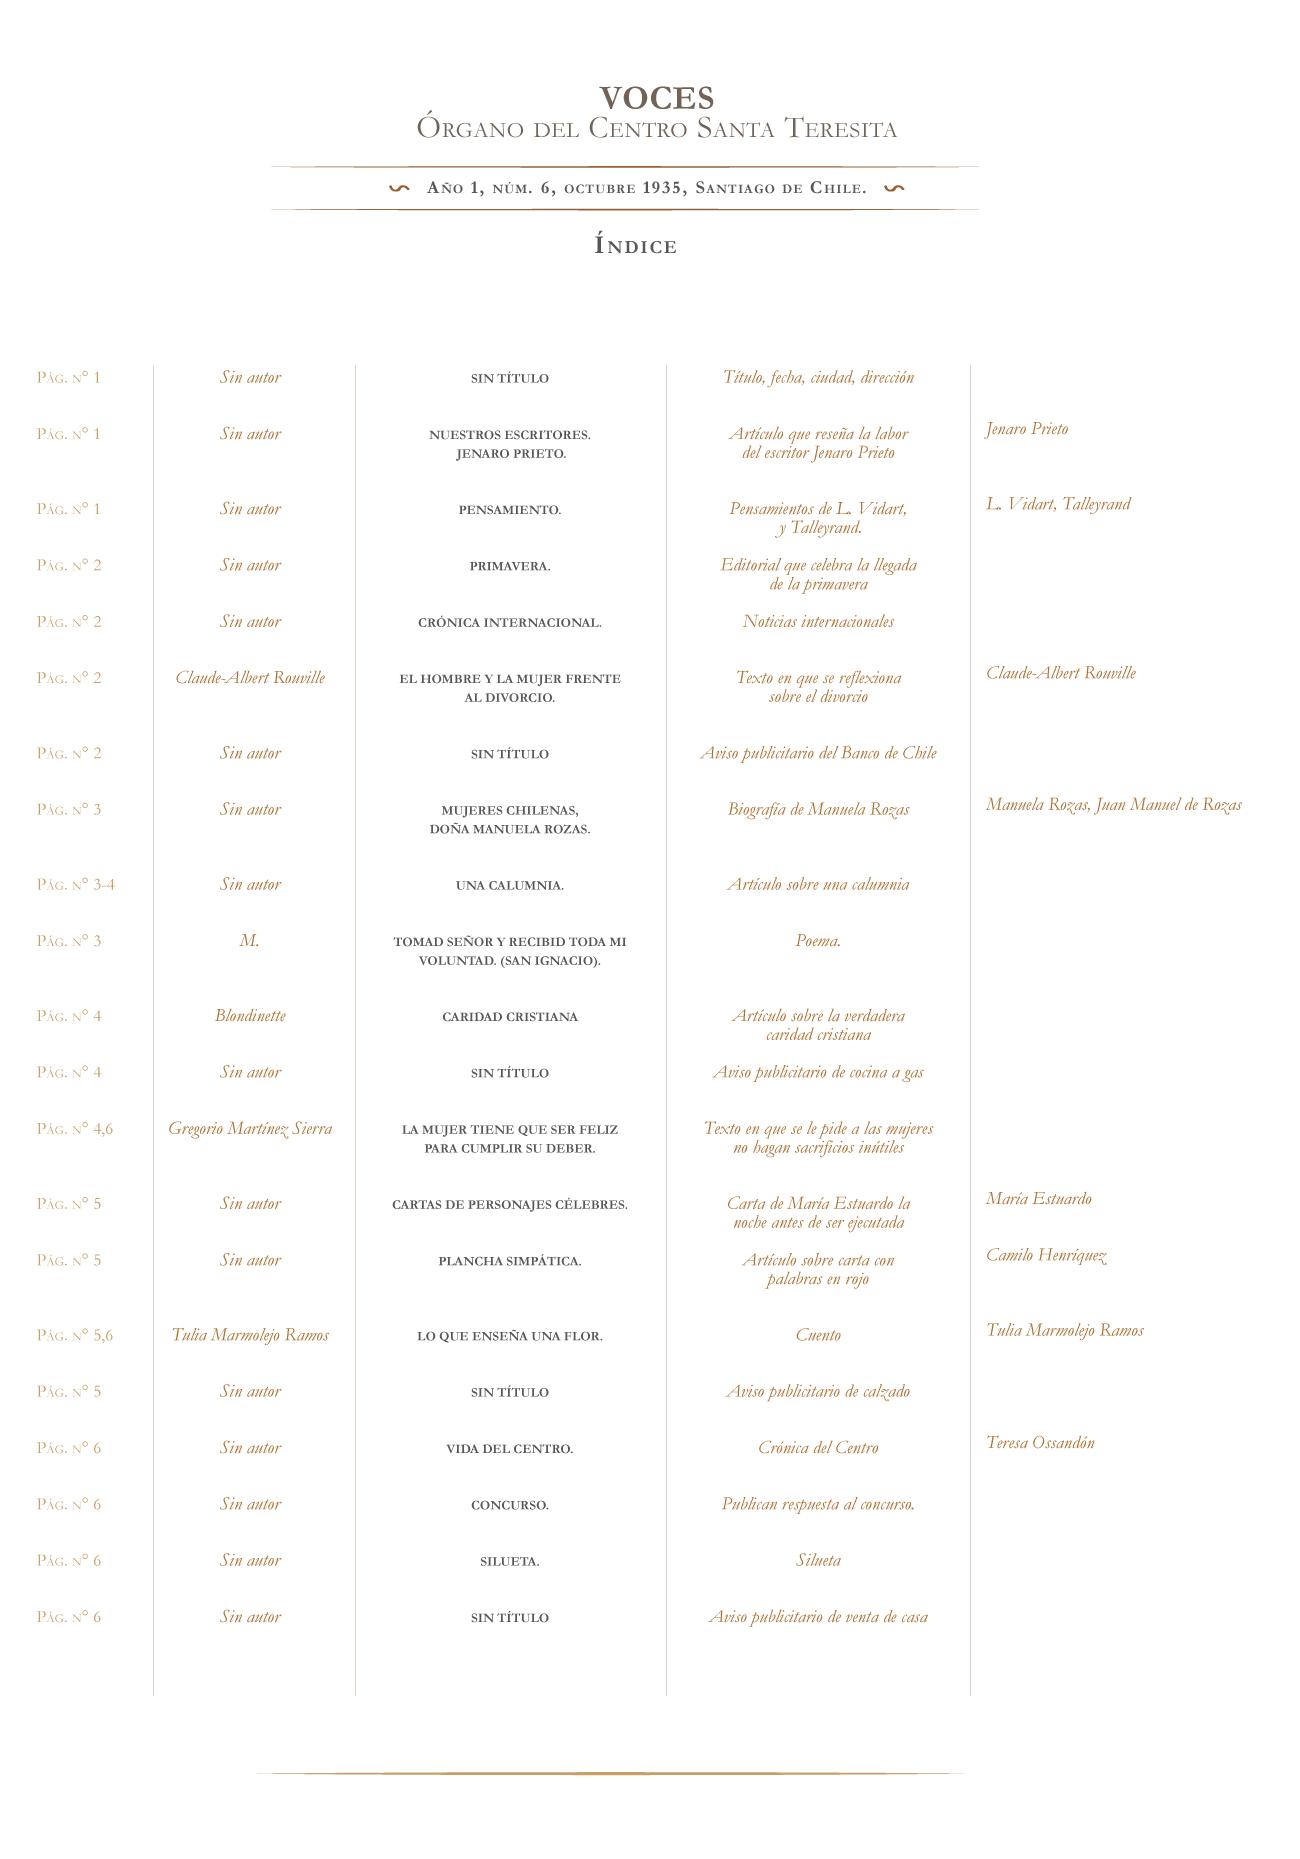 Voces nº 6